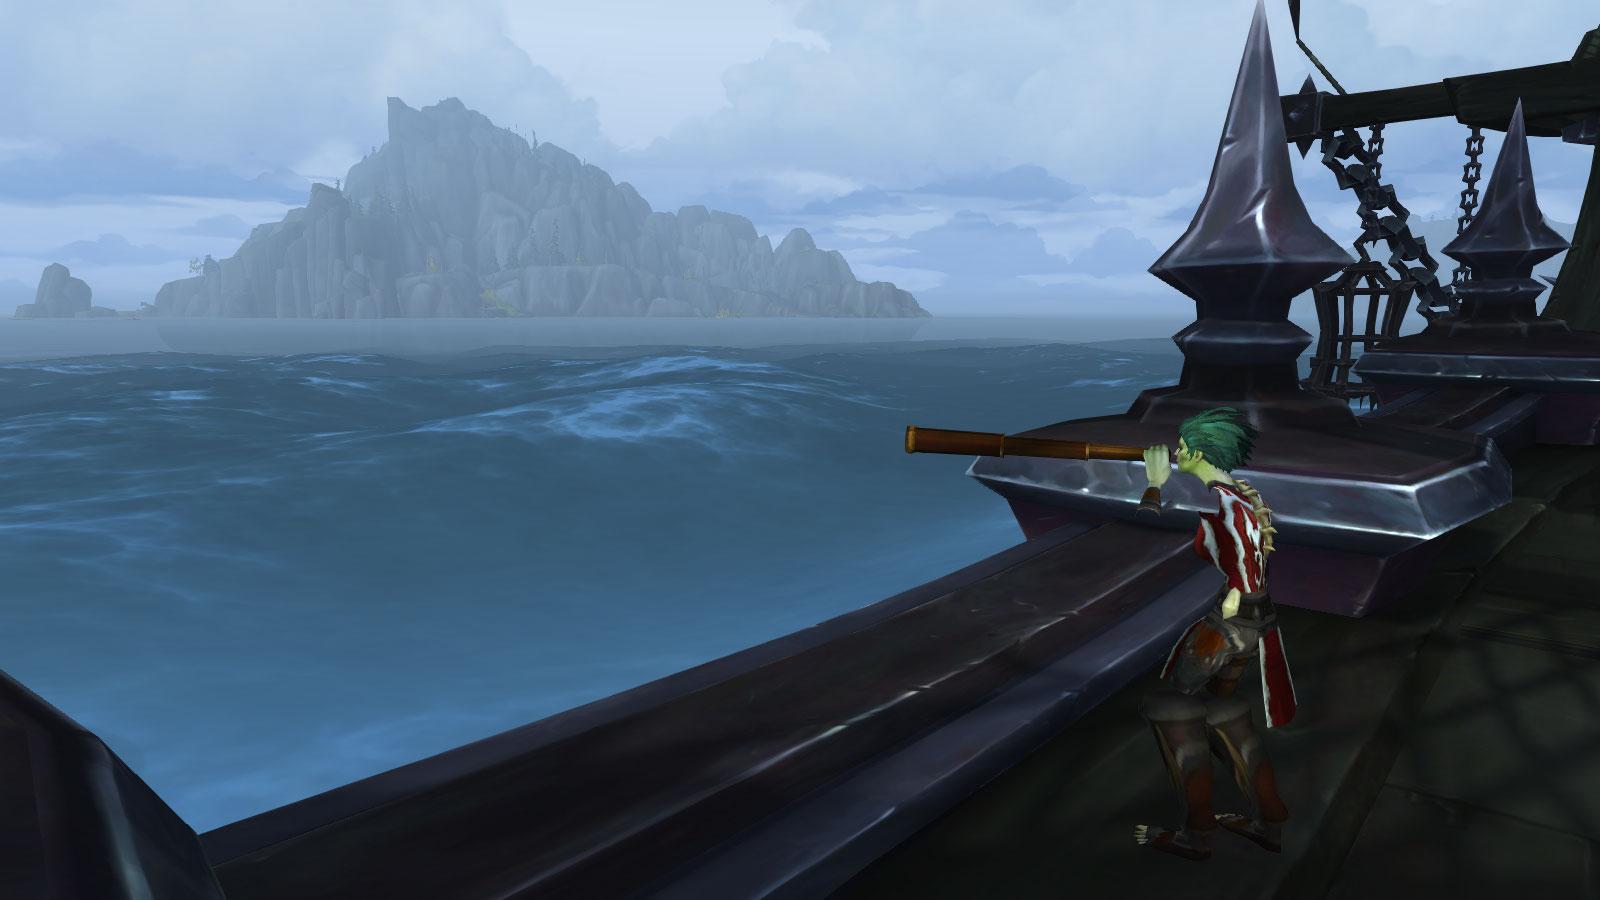 L'île des Confins de l'Exil se dessine à l'horizon